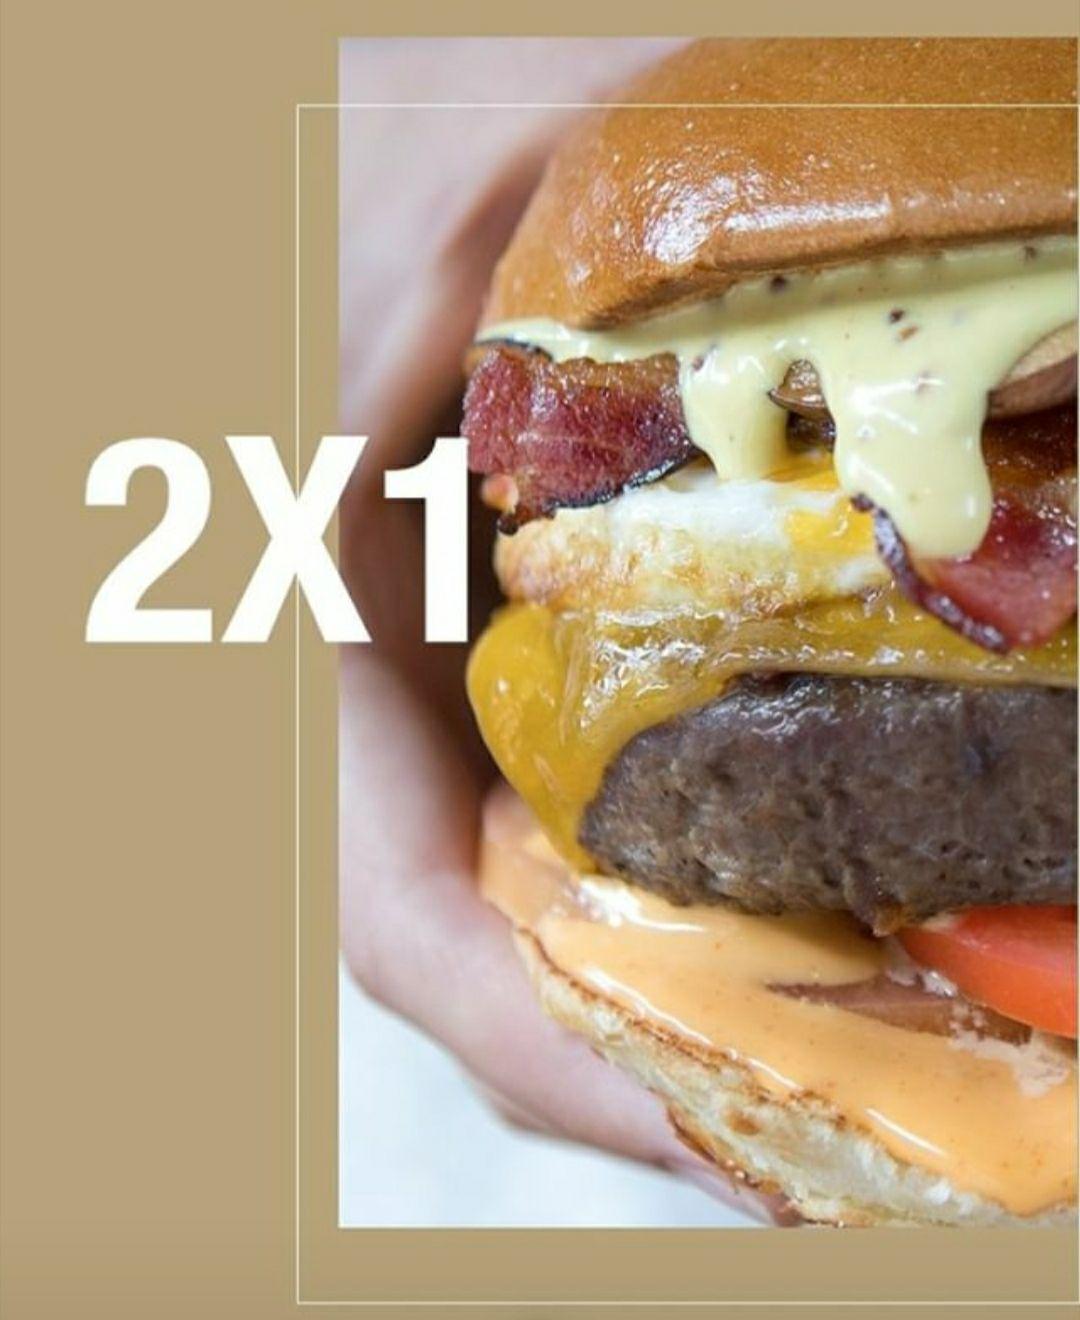 Hamburguesa Nostra 2x1 para pedido a domicilio en uber eats